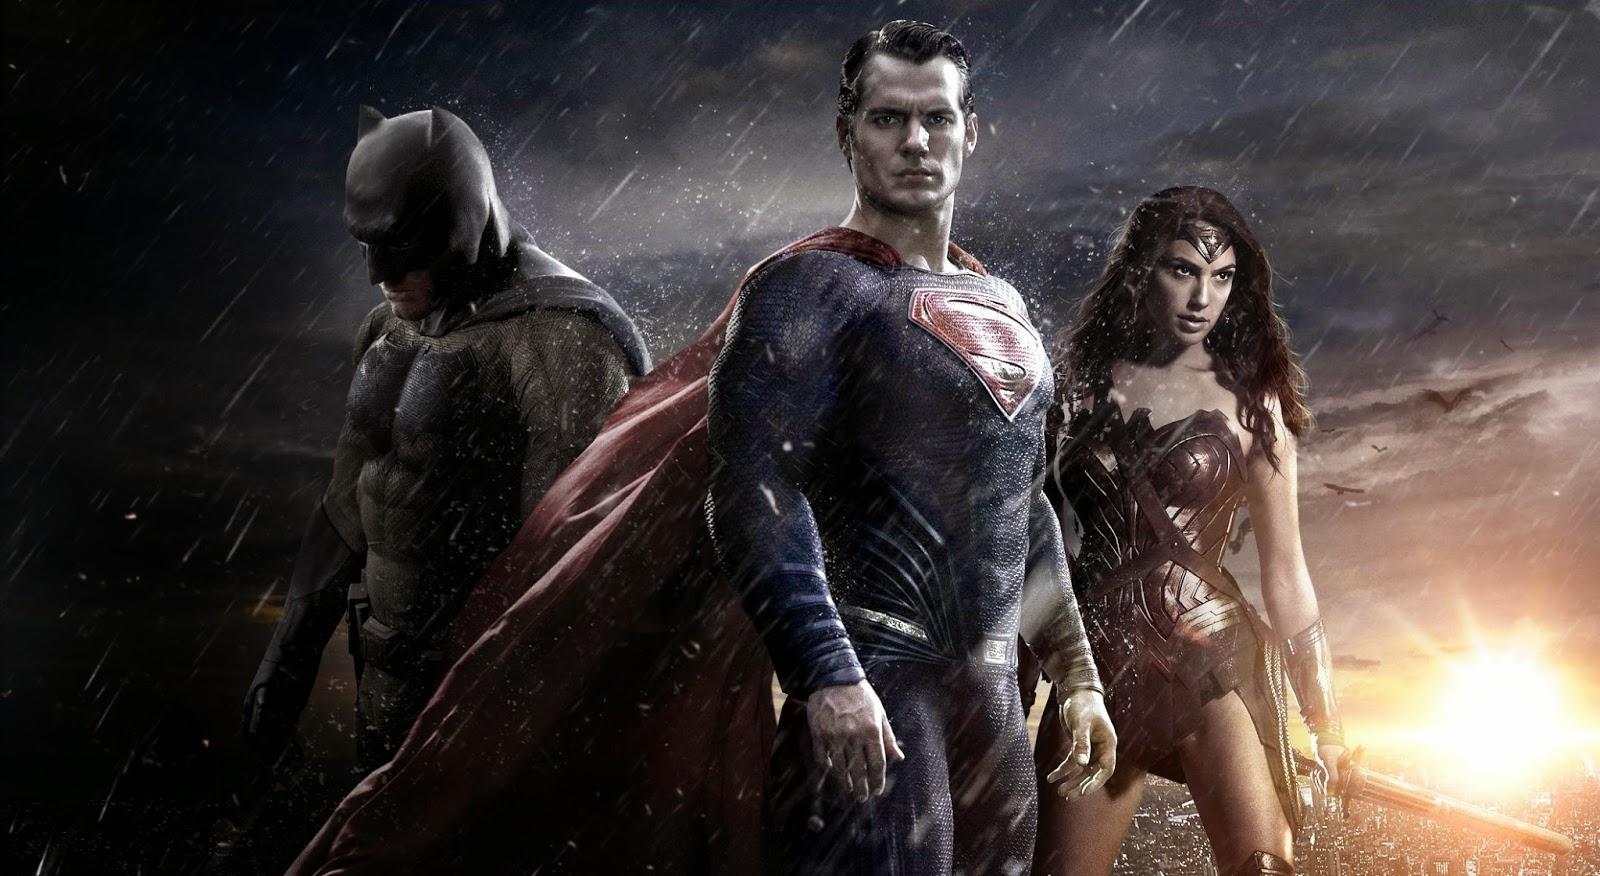 More Batman v Superman pics suggest anti-Superman movement | SYFY WIRE